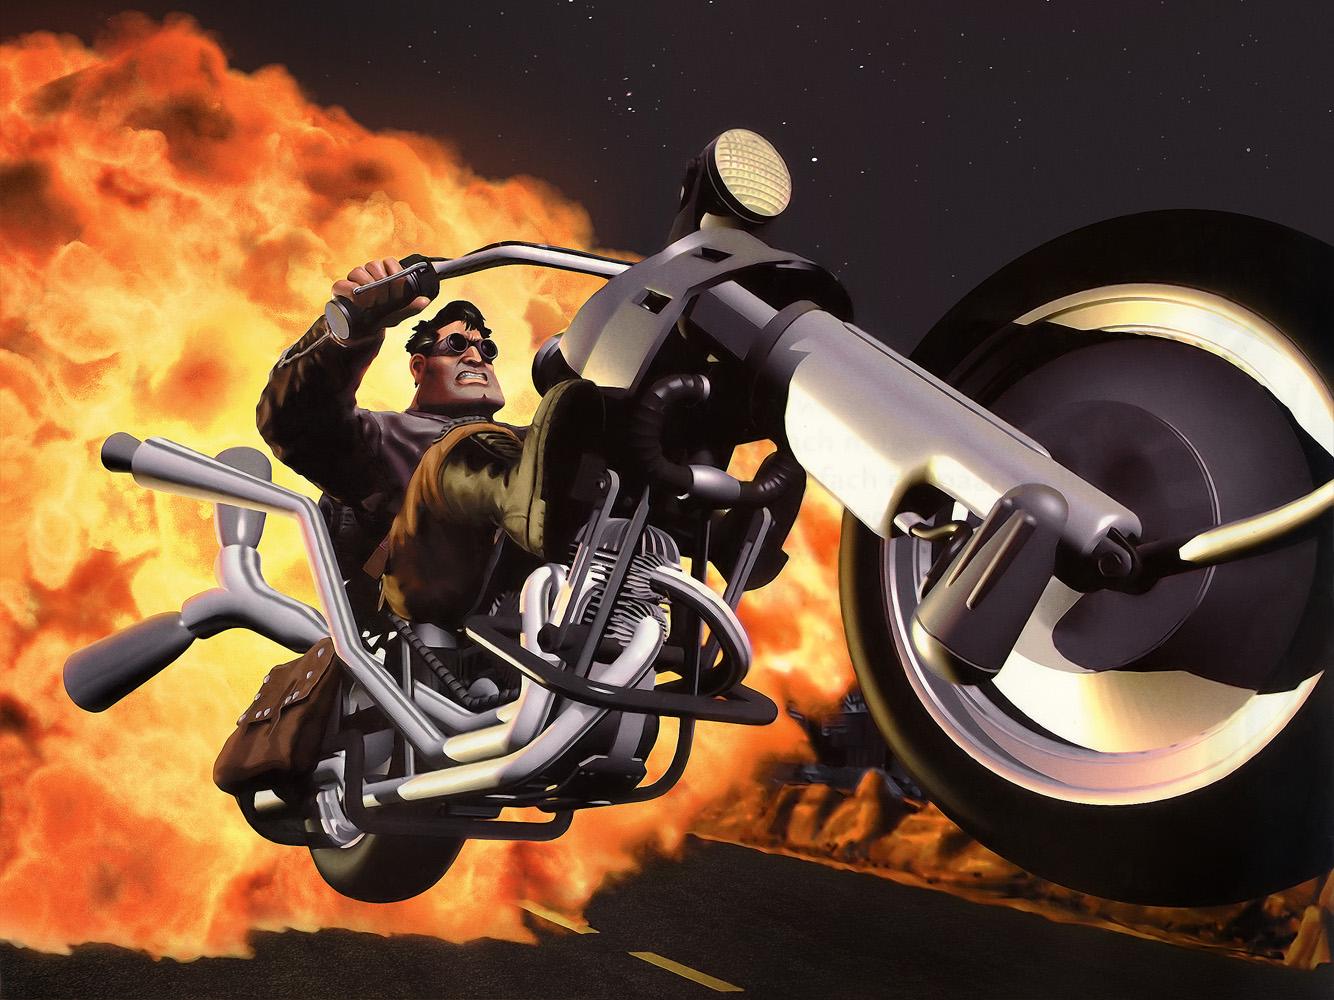 Bike Throttle Full Throttle Lucasarts Bike